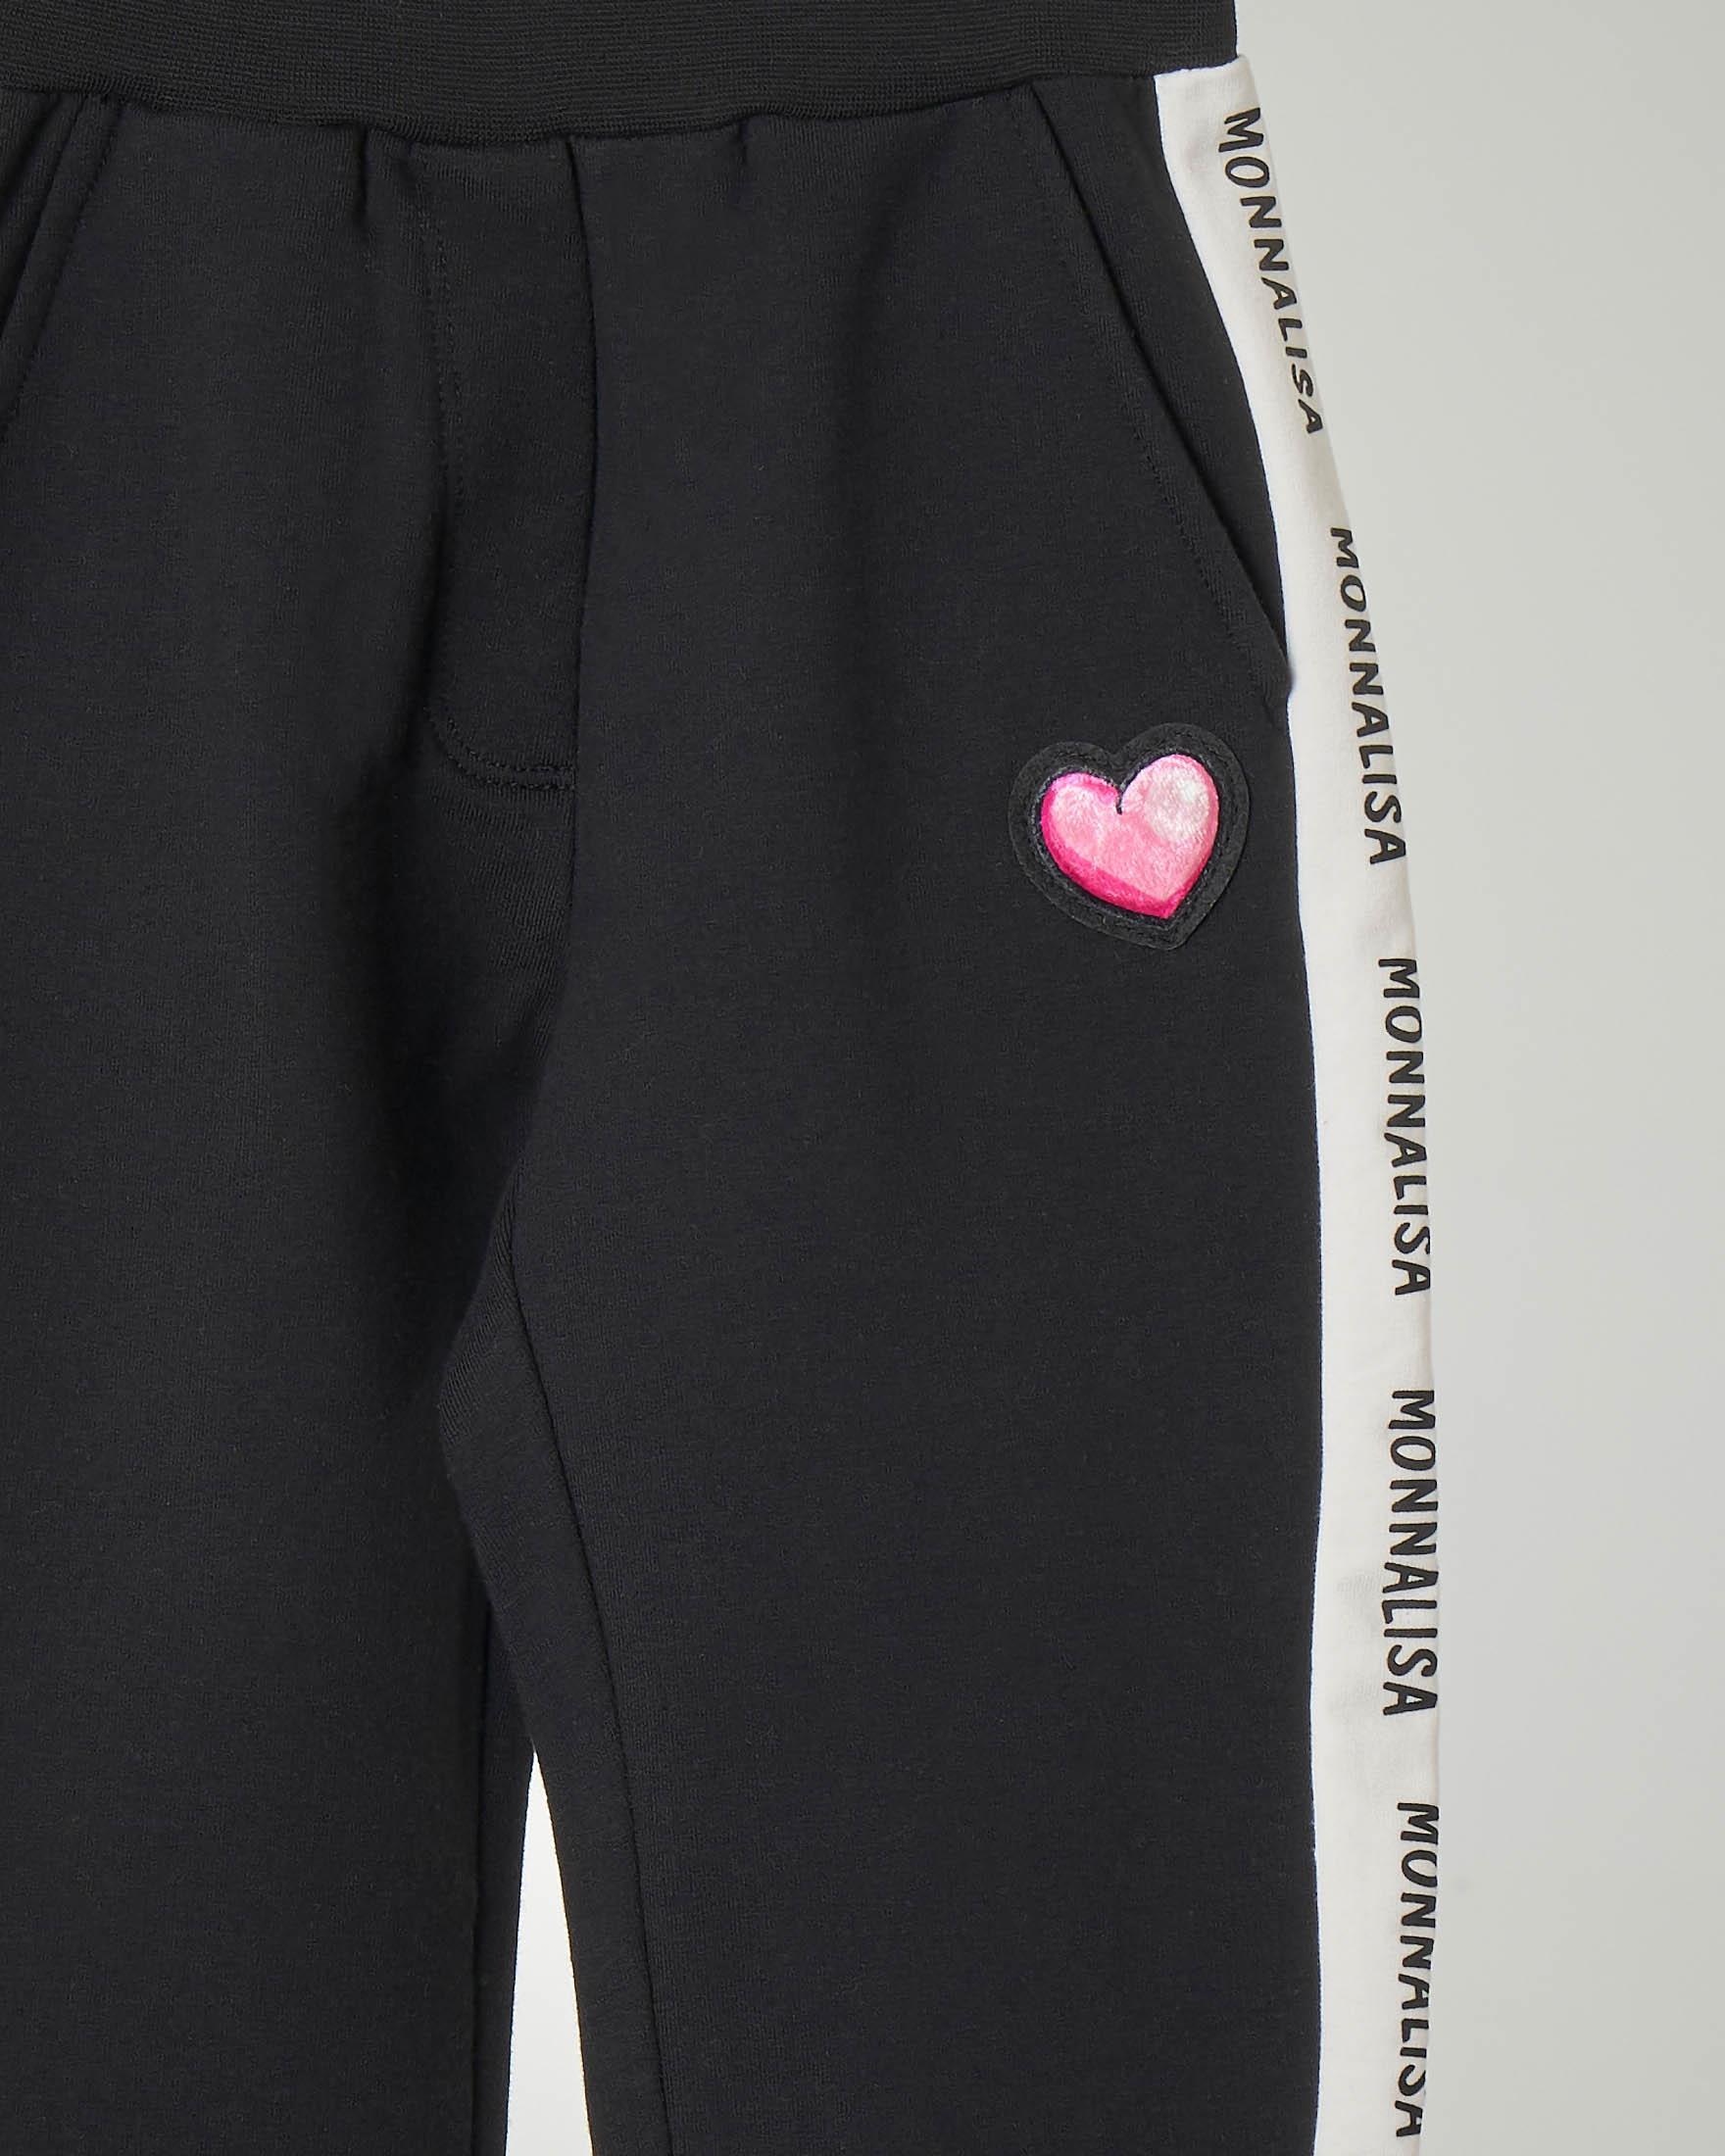 Pantaloni neri in jersey di cotone con bande ai lati a contrasto di colore con scritta logo 6-12 anni